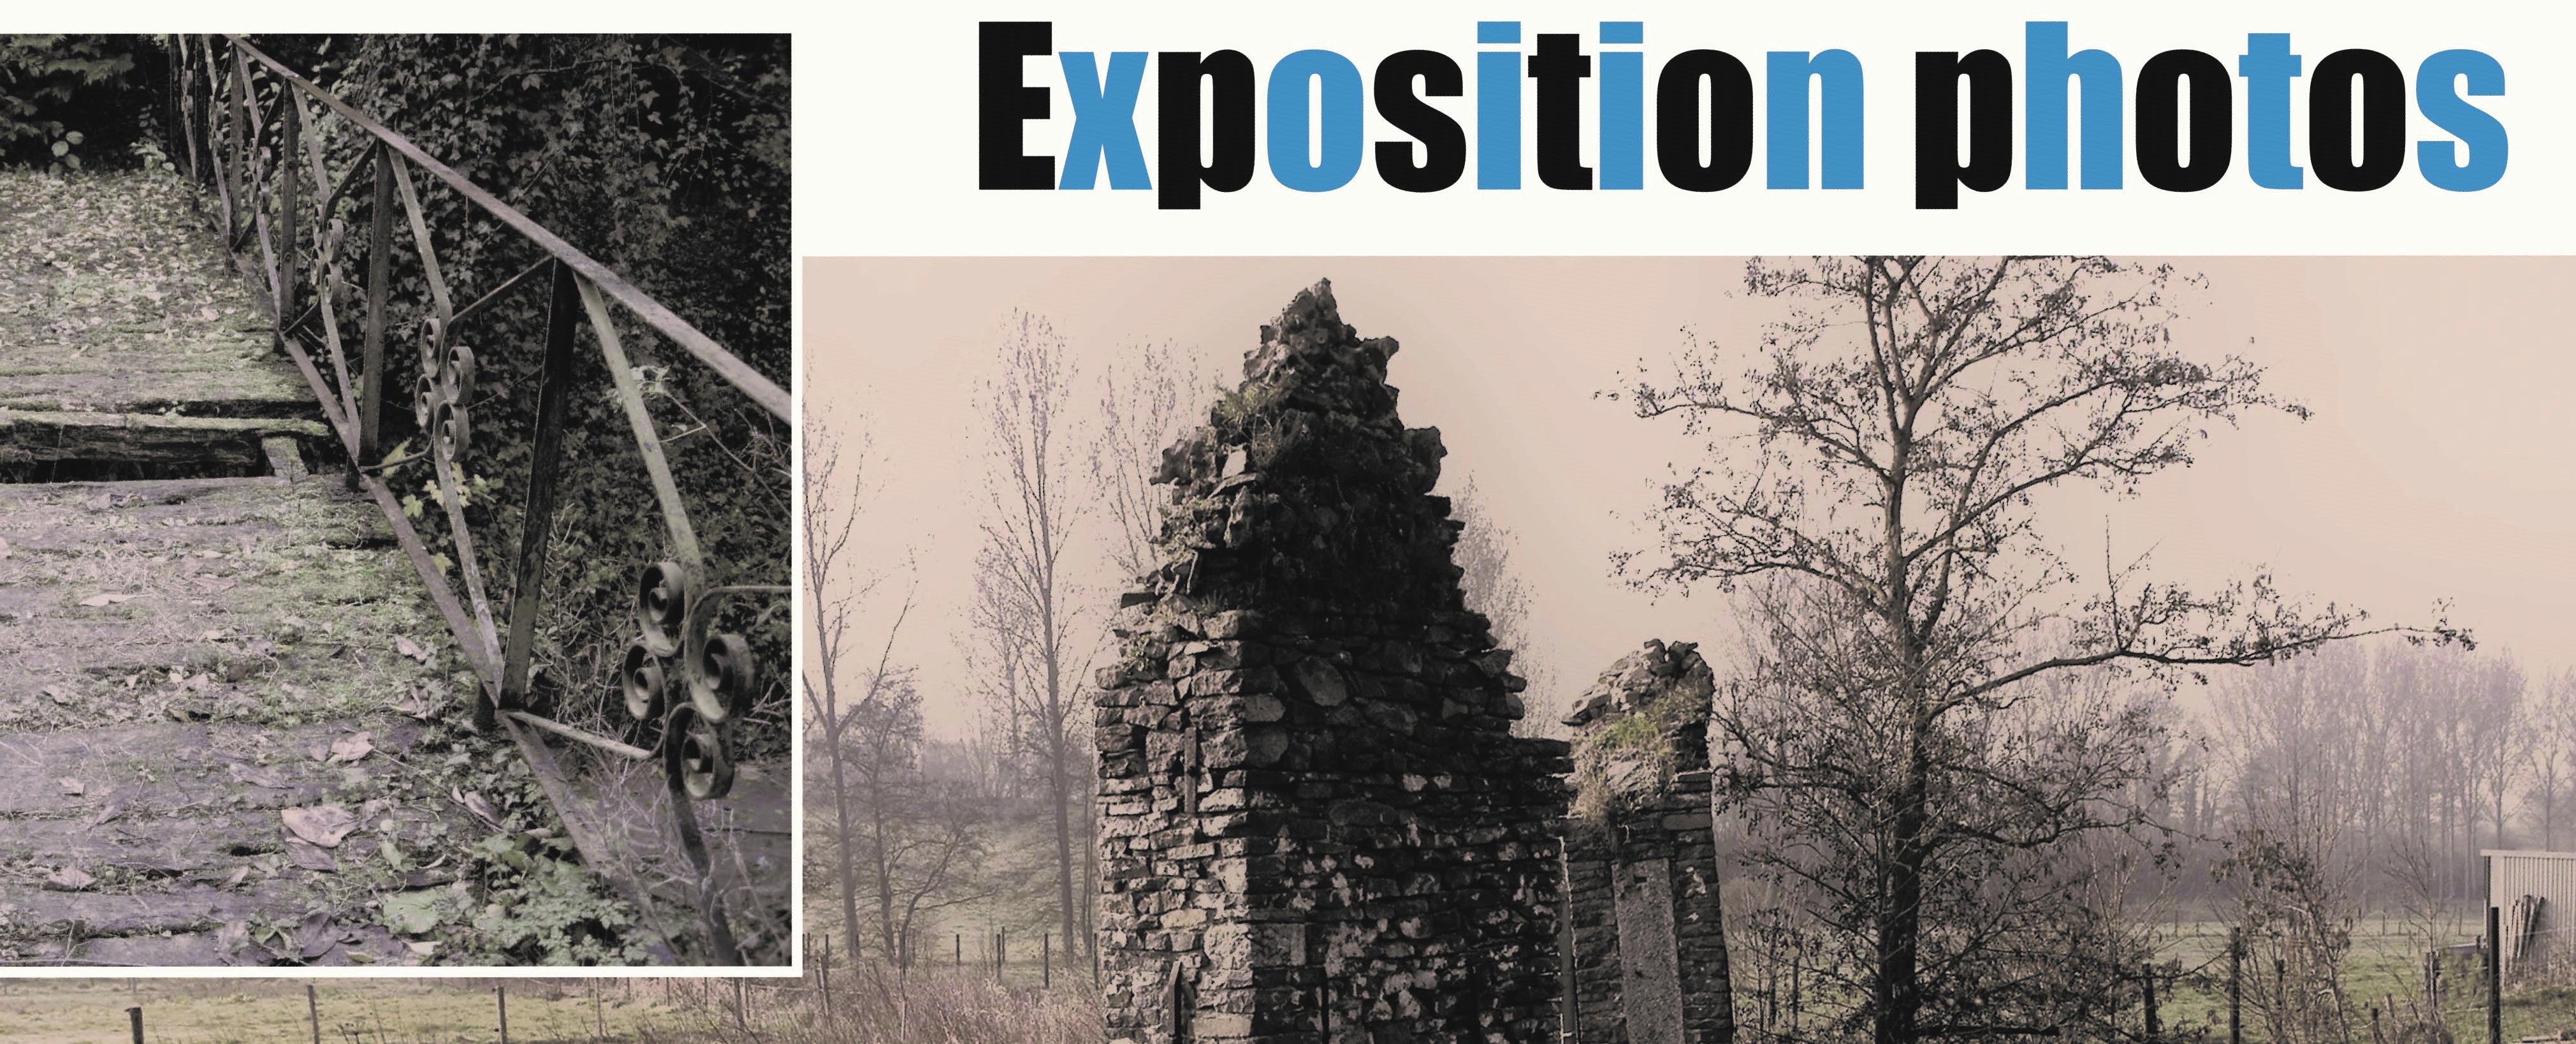 Exposition photos 2019